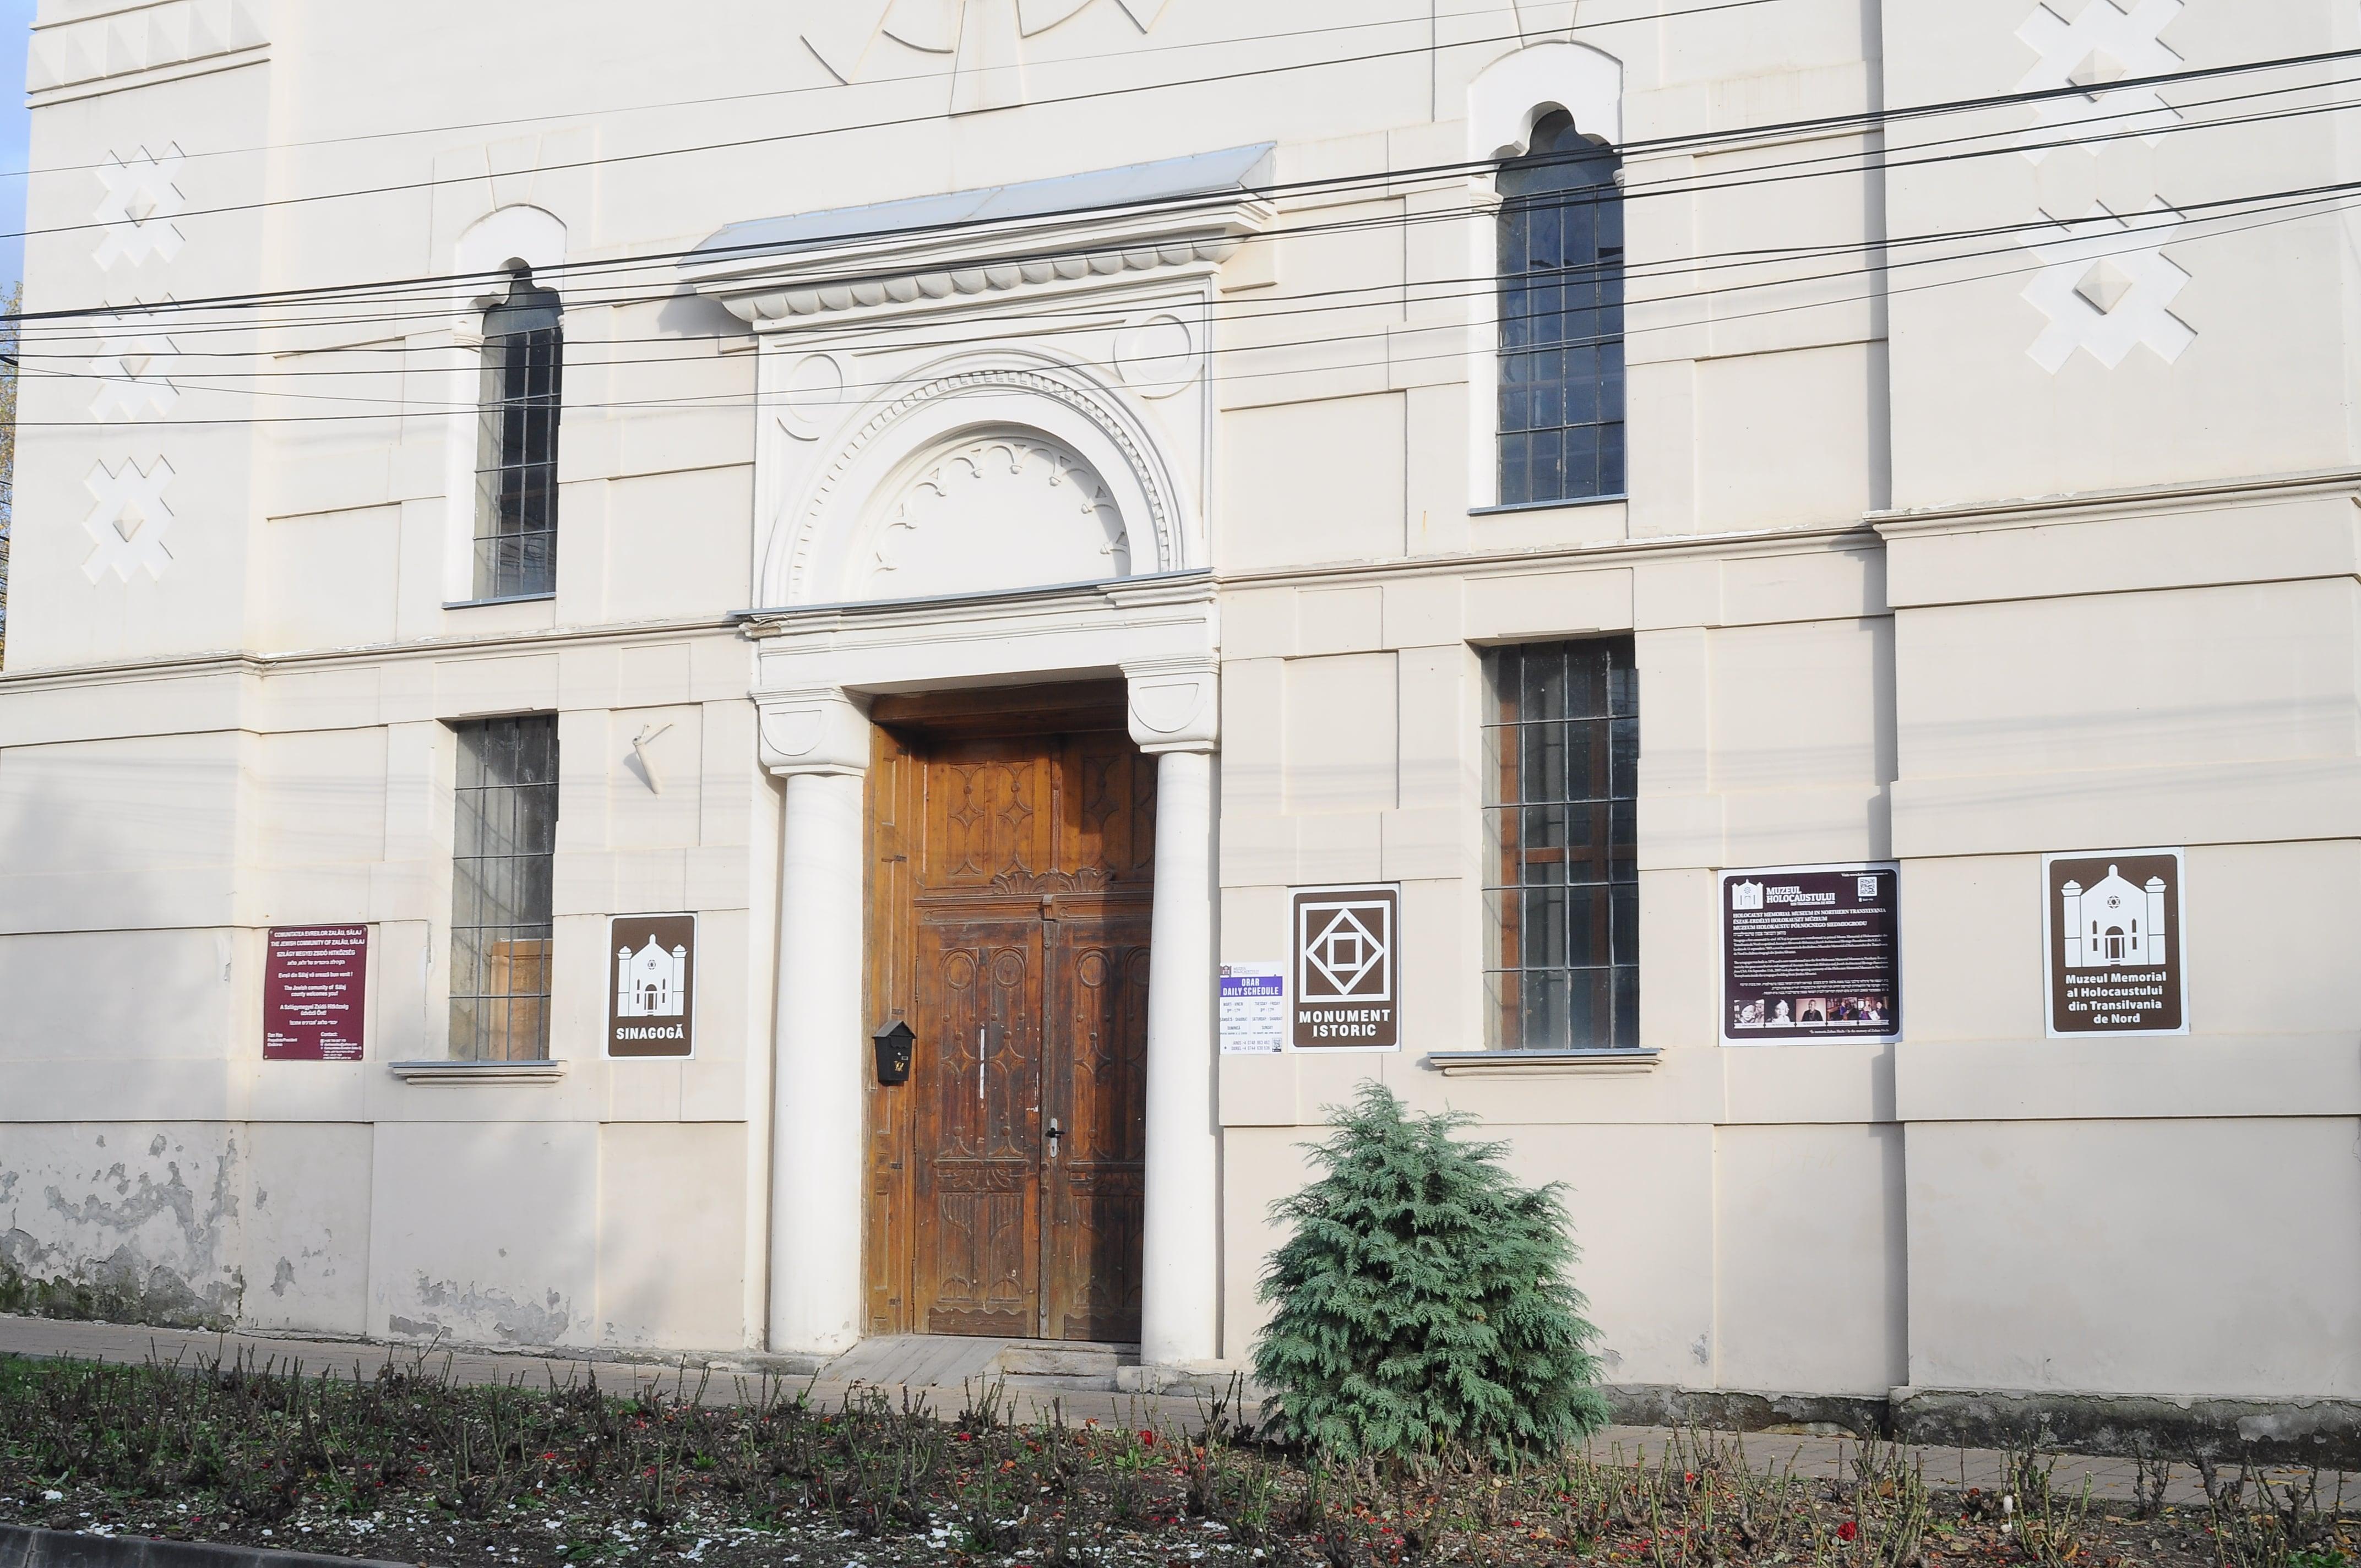 Sinagoga muzeul Holocaustului - Simleu Silvaniei - Raluca Turcanasu (2)-min